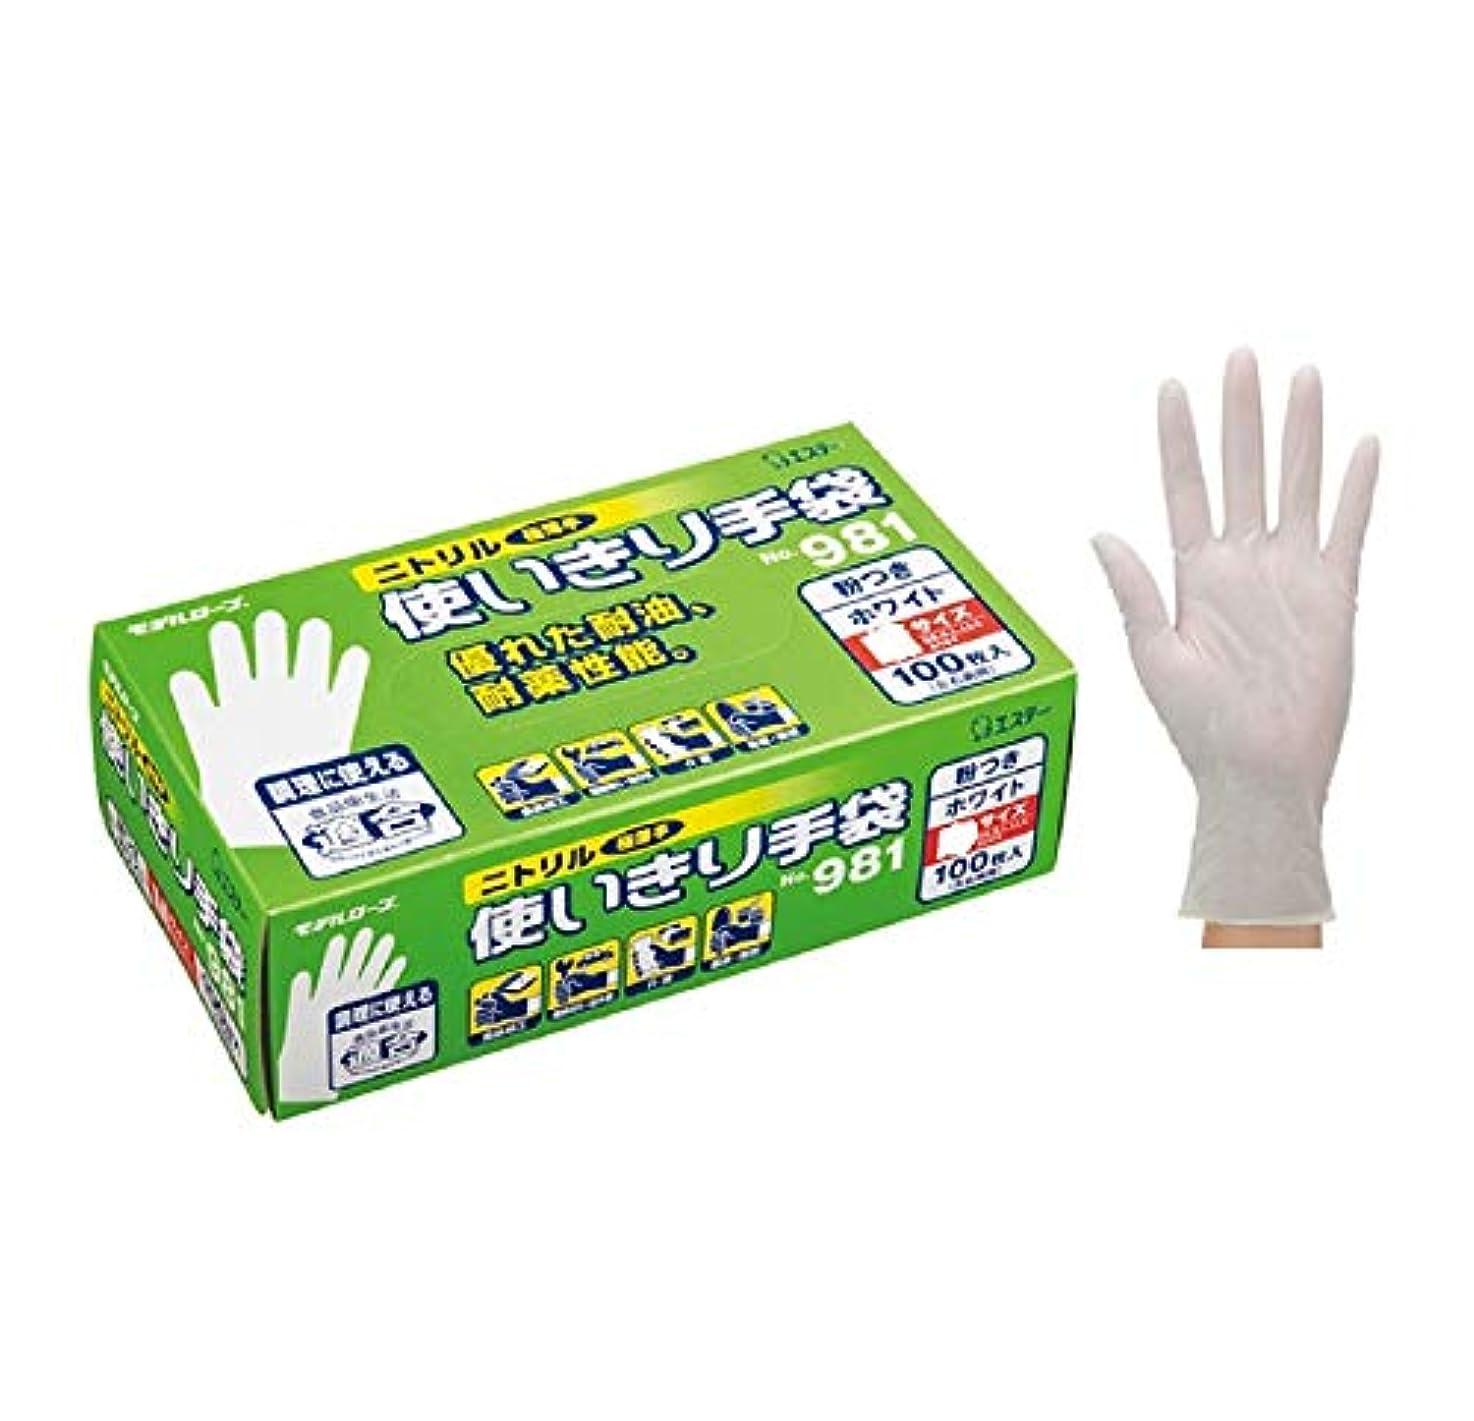 臭い残りスキルエステー ニトリル手袋/作業用手袋 [粉付 No981/M 12箱]